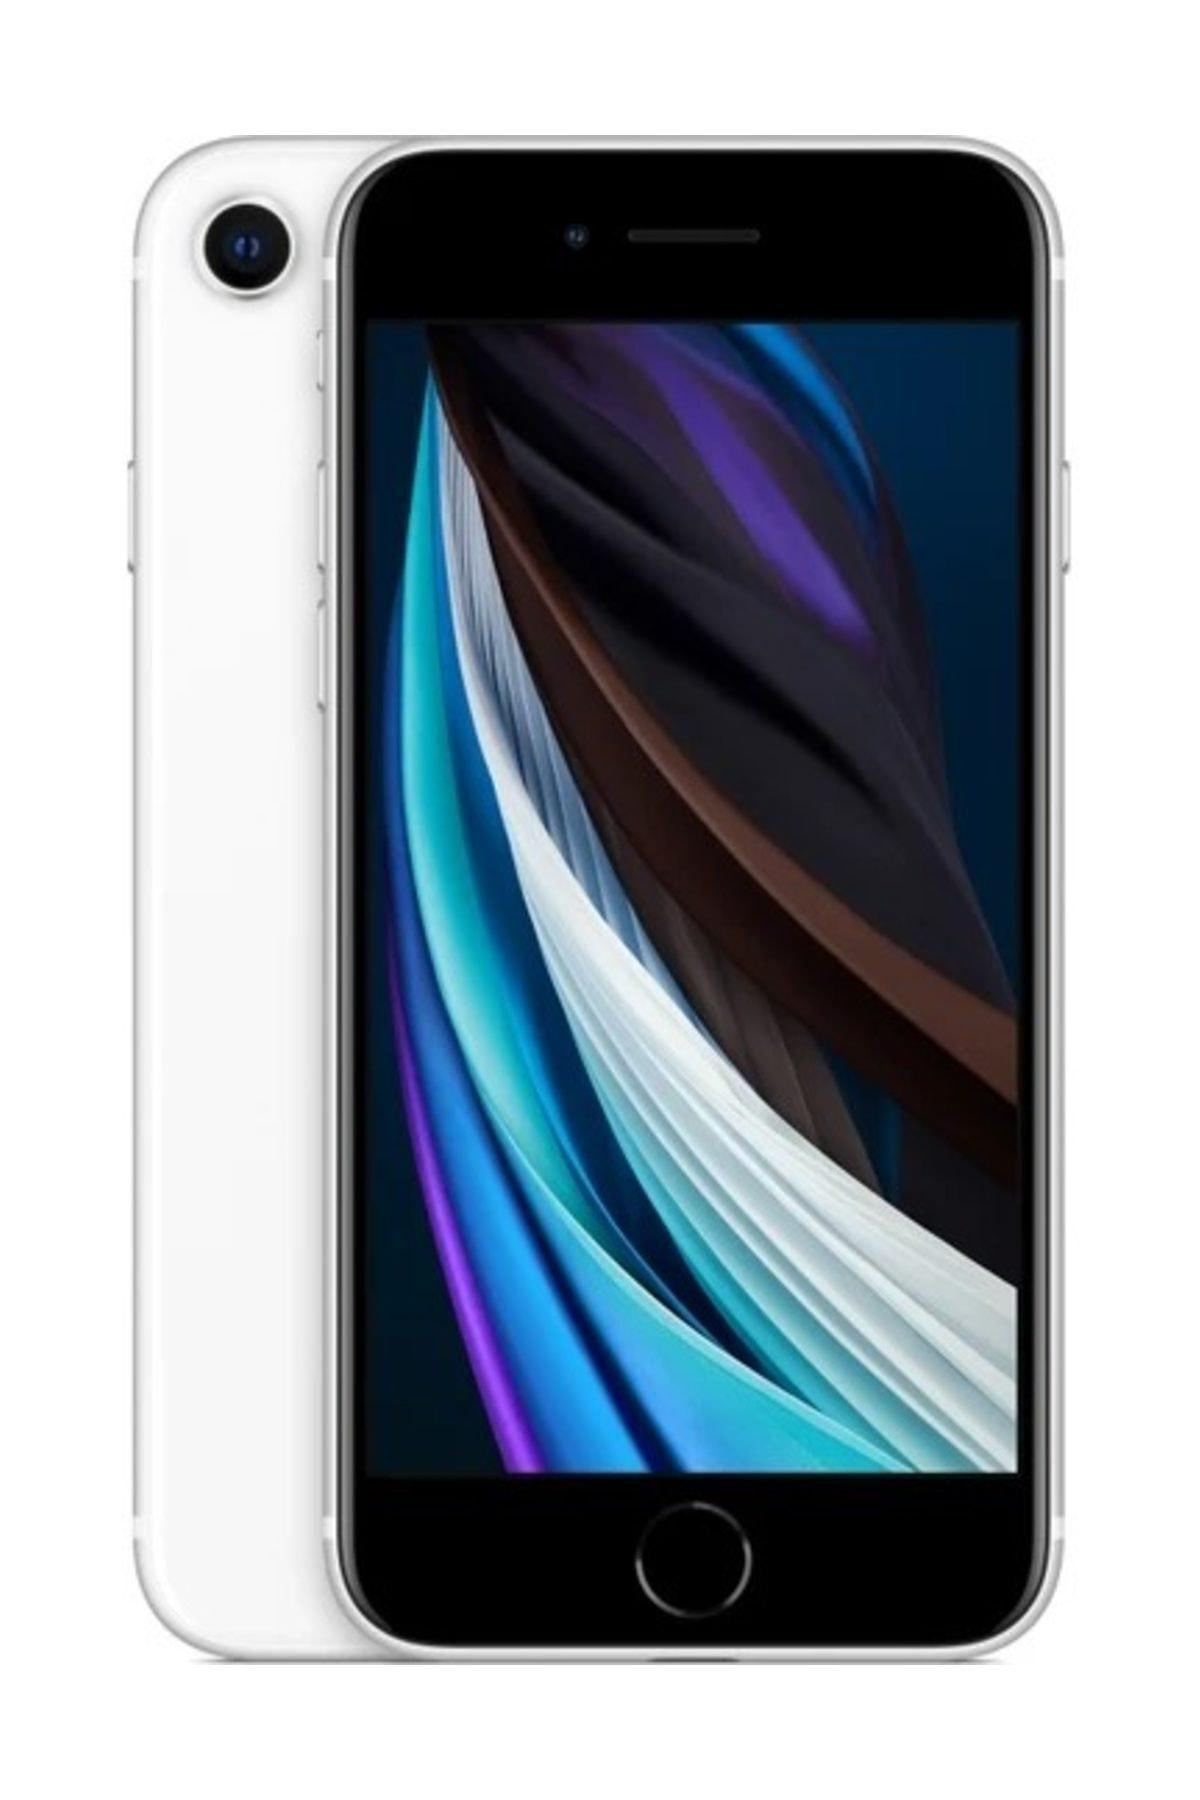 Apple iPhone SE (2020) 64 GB Beyaz Cep Telefonu (Apple Türkiye Garantili) Şarj Aleti Ve Kulaklık Dahildir 1